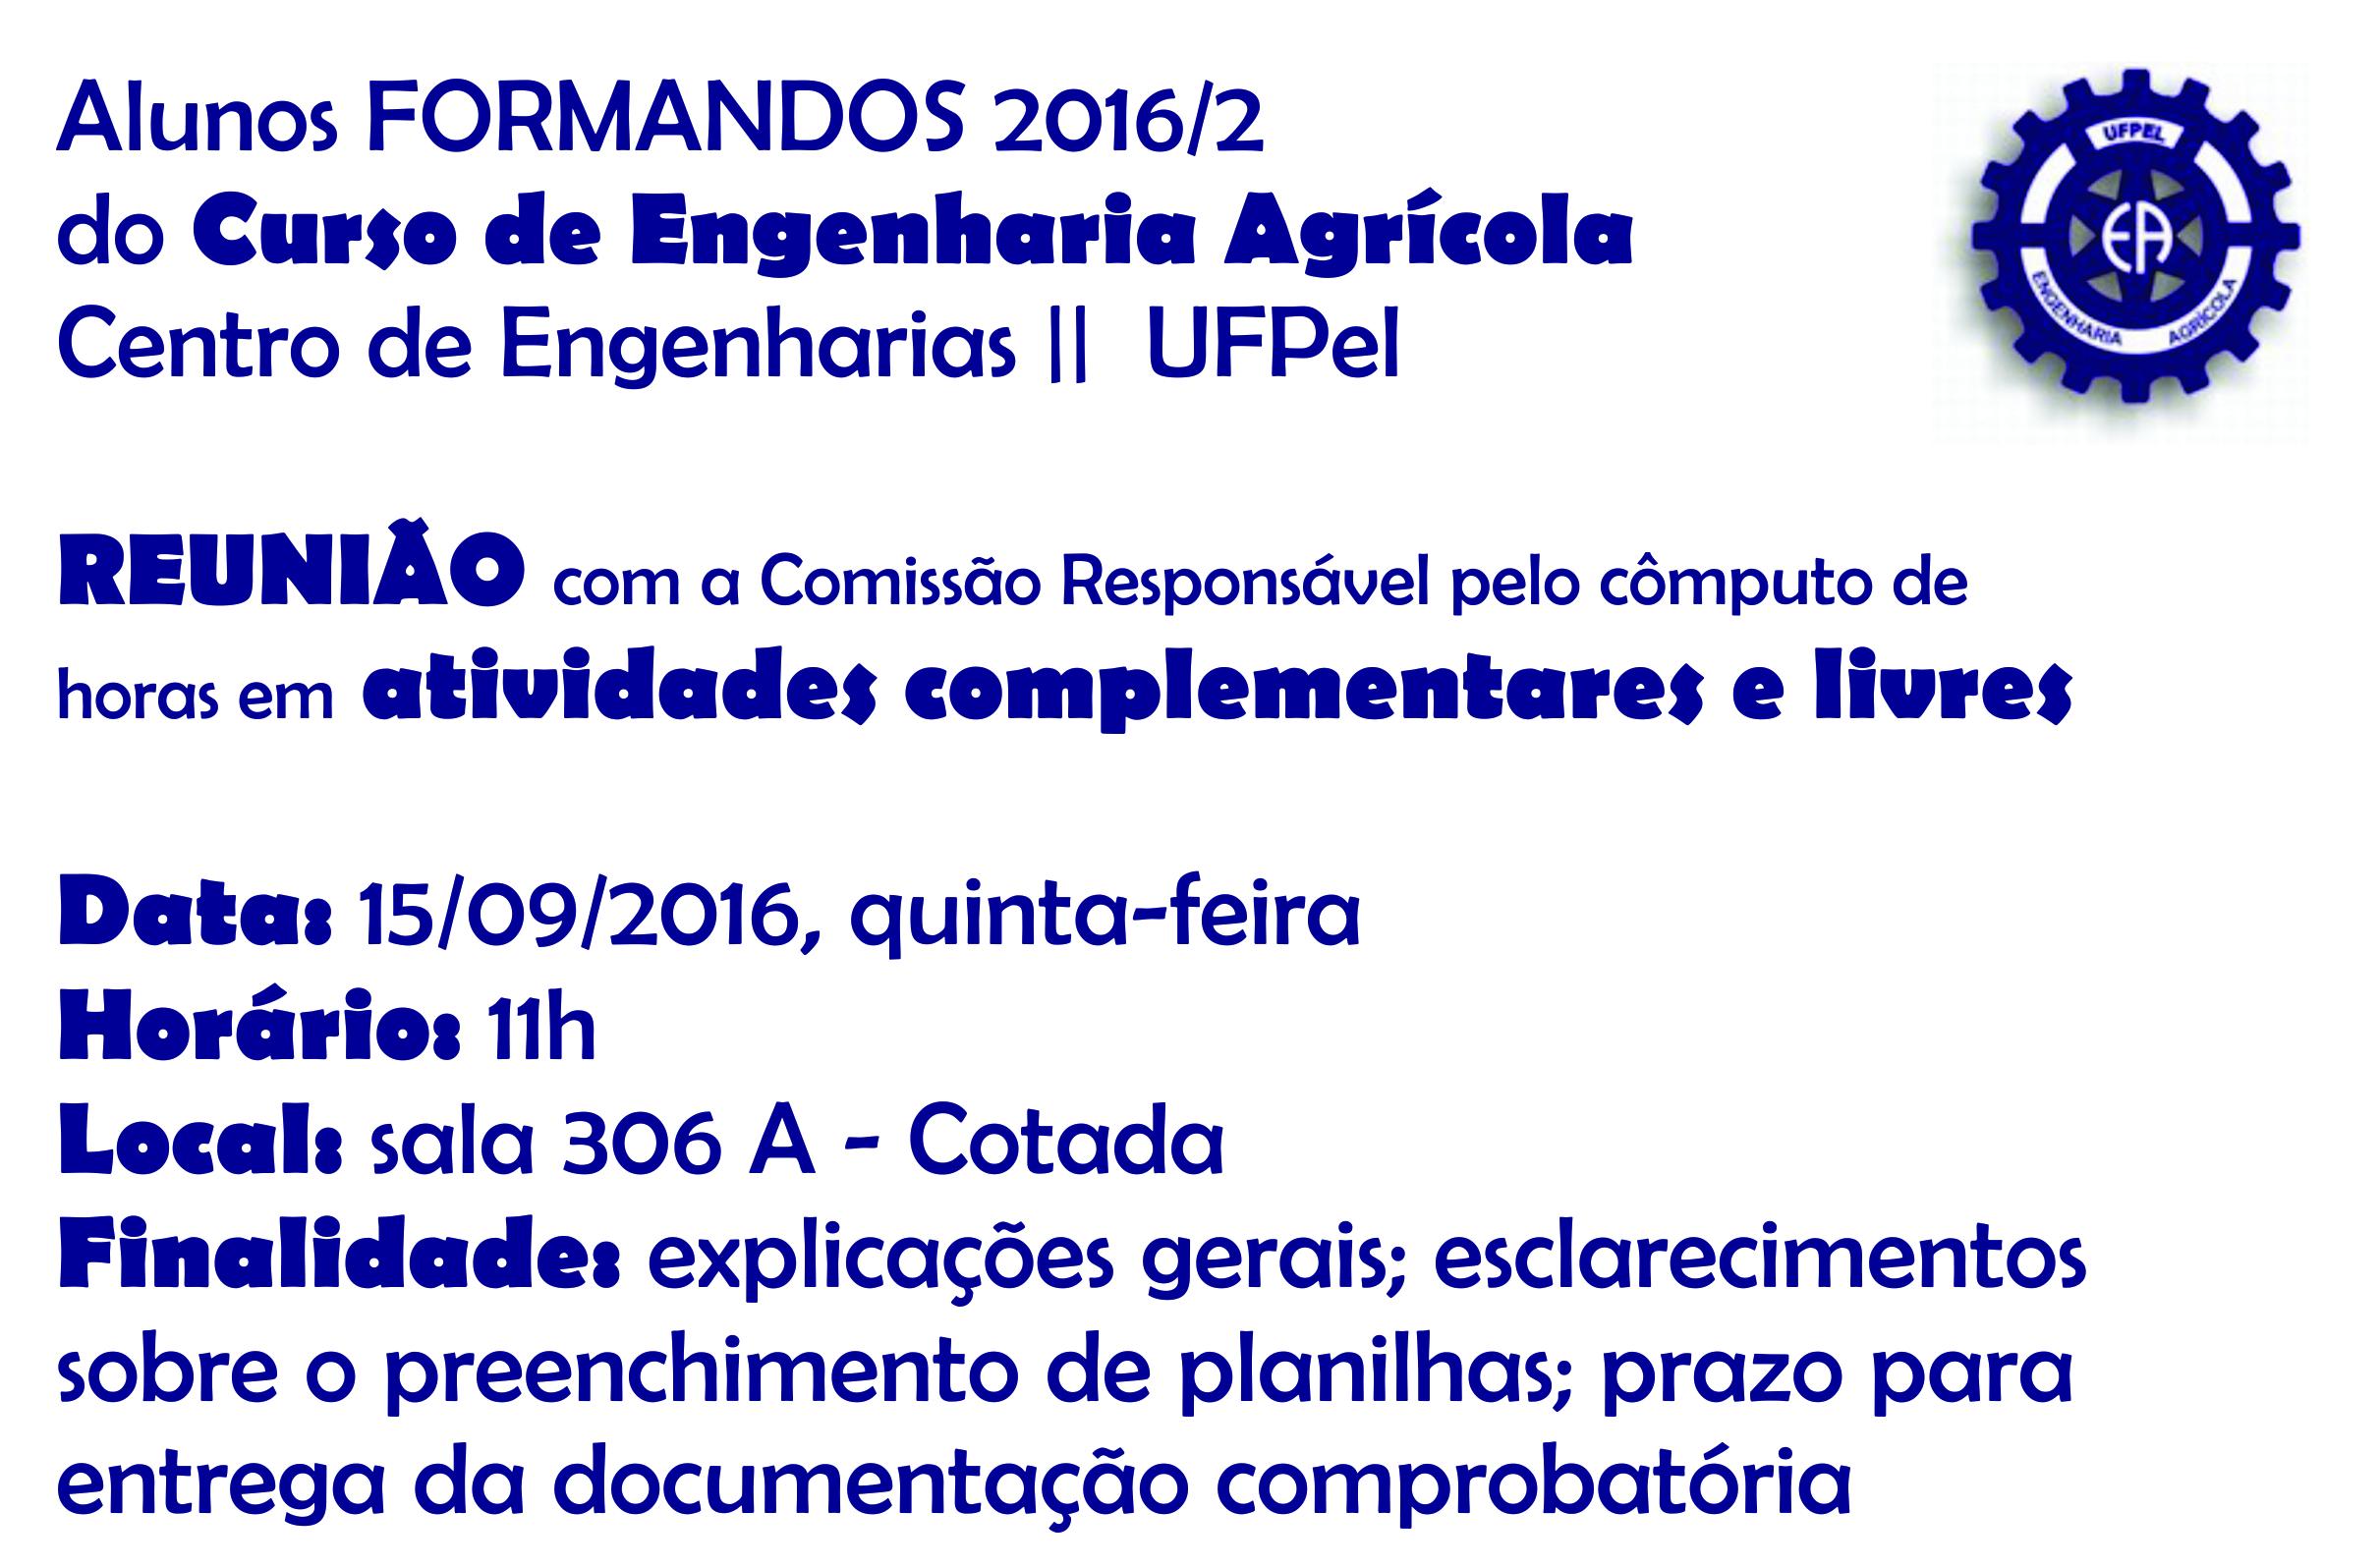 reunião - formandos2016.2